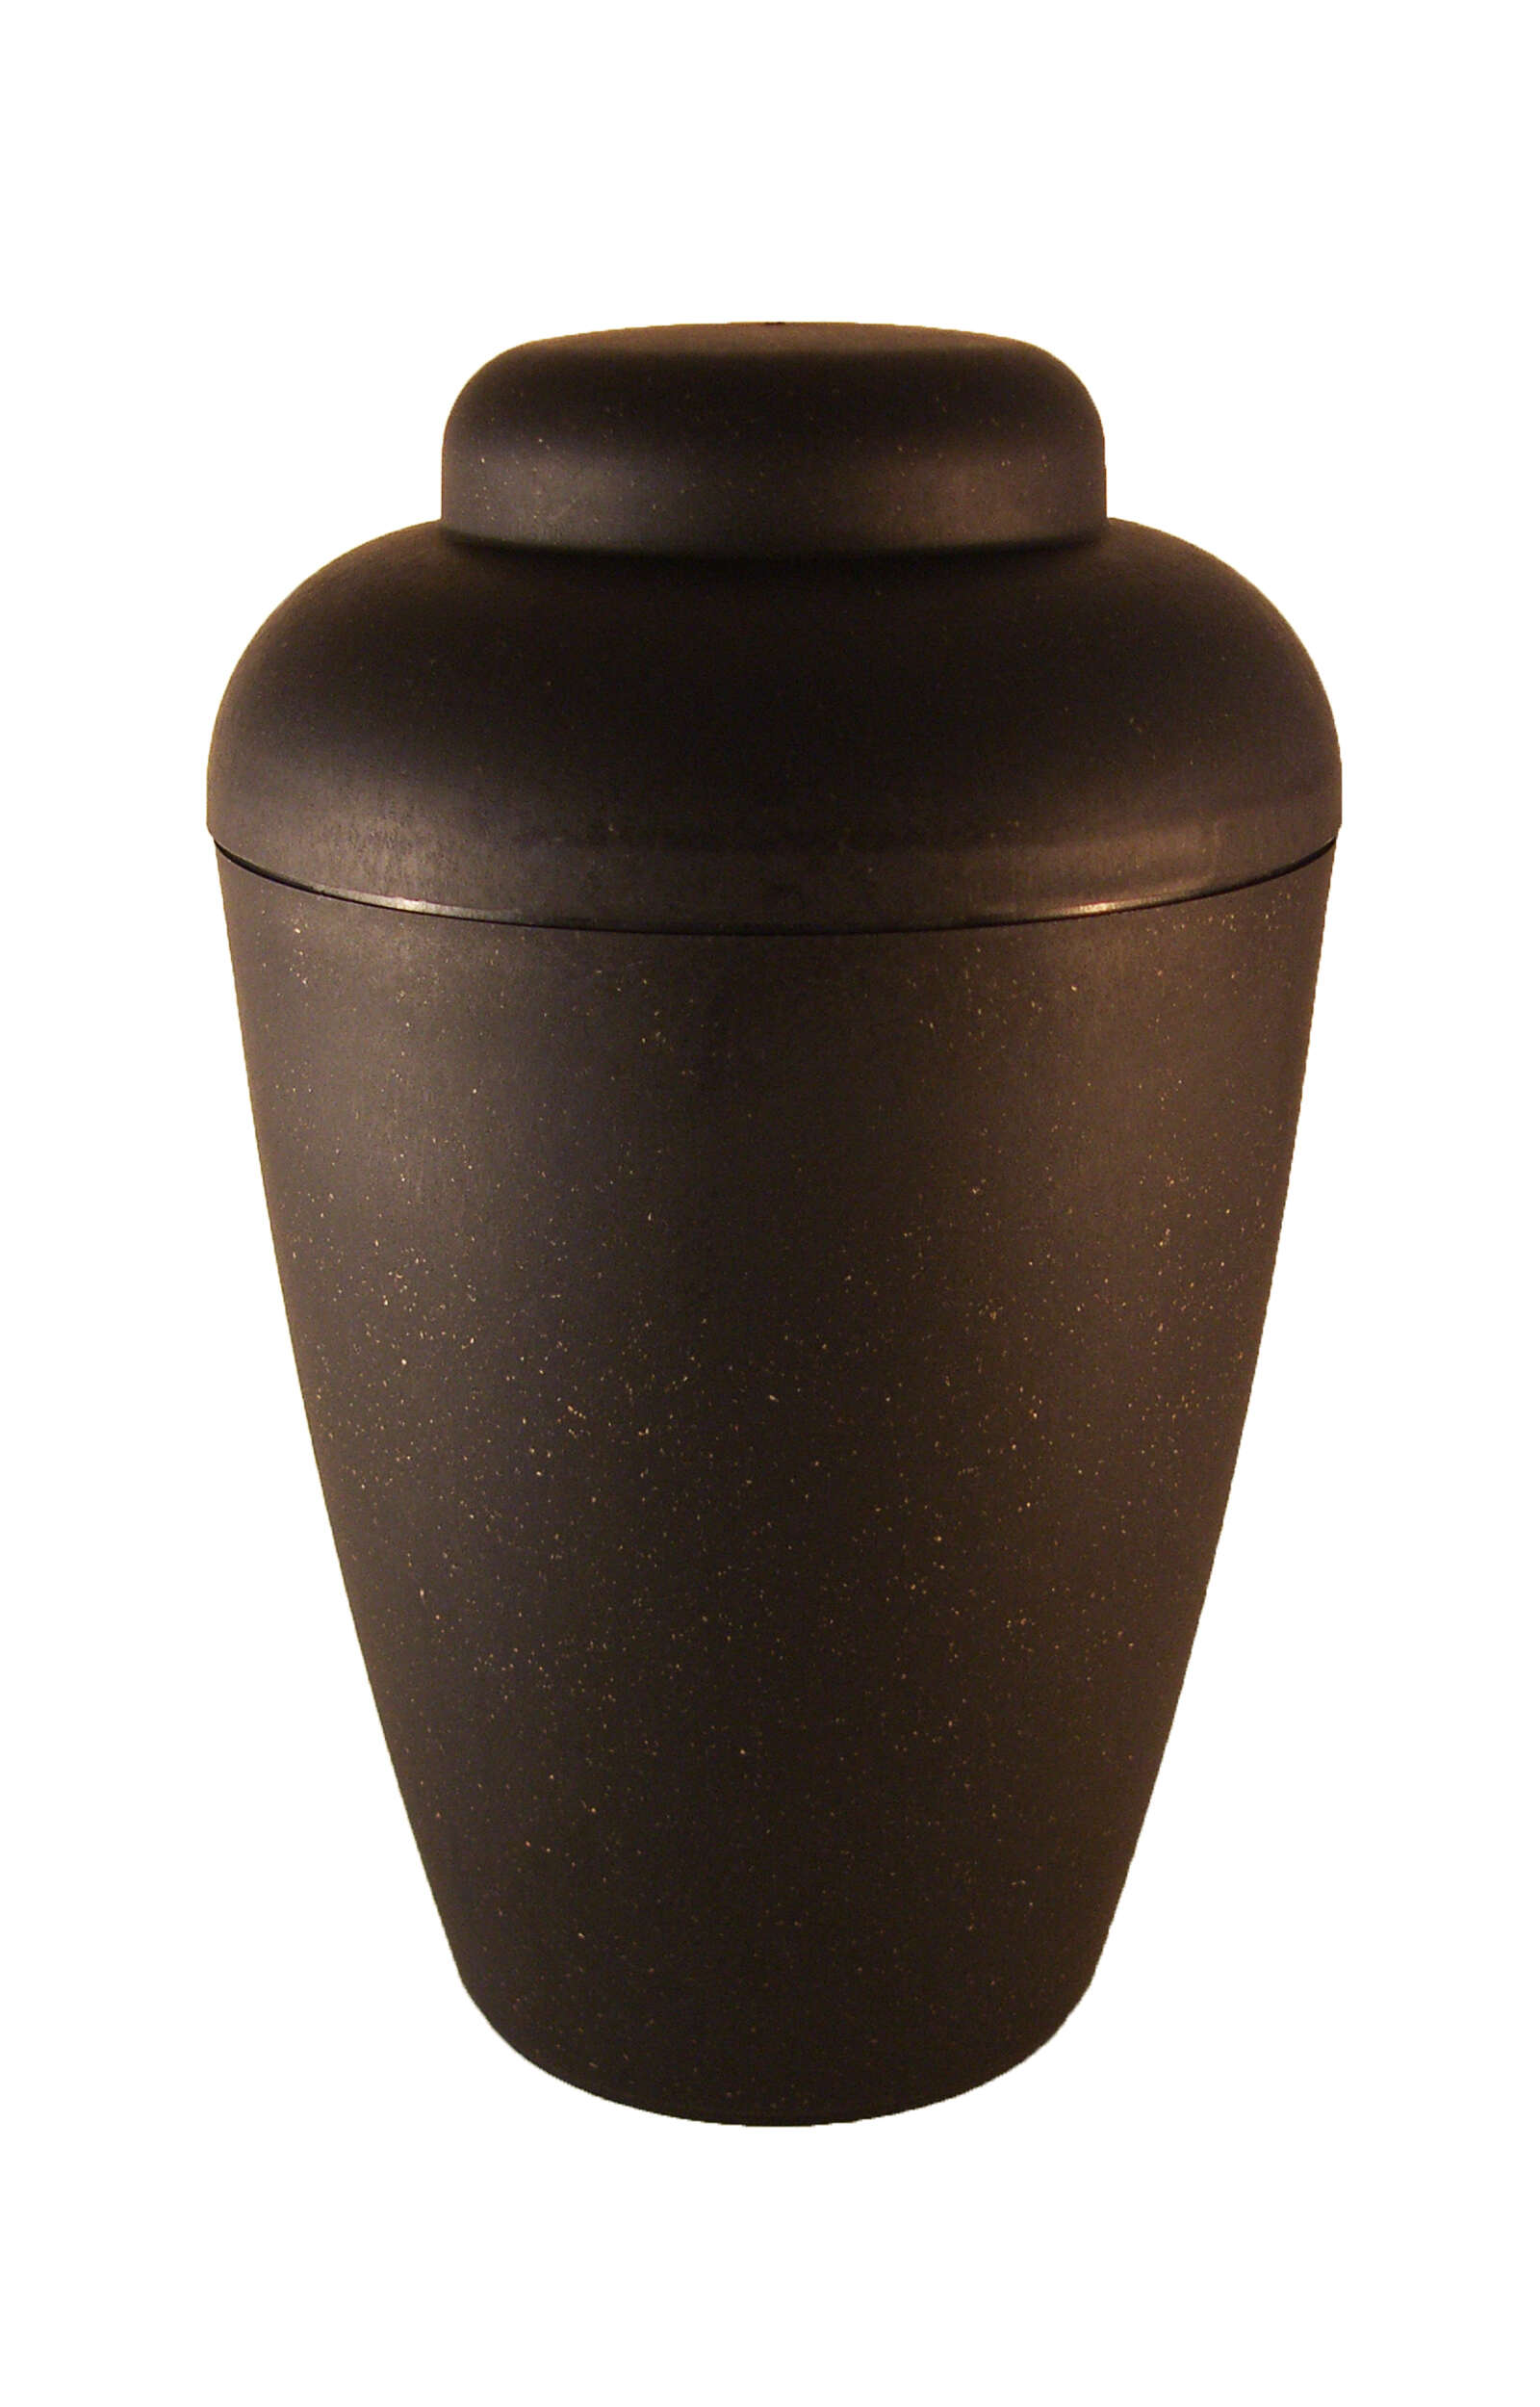 en BVS1407 biodigradable urn vale black elegant shape funeral urn for human ashes order now